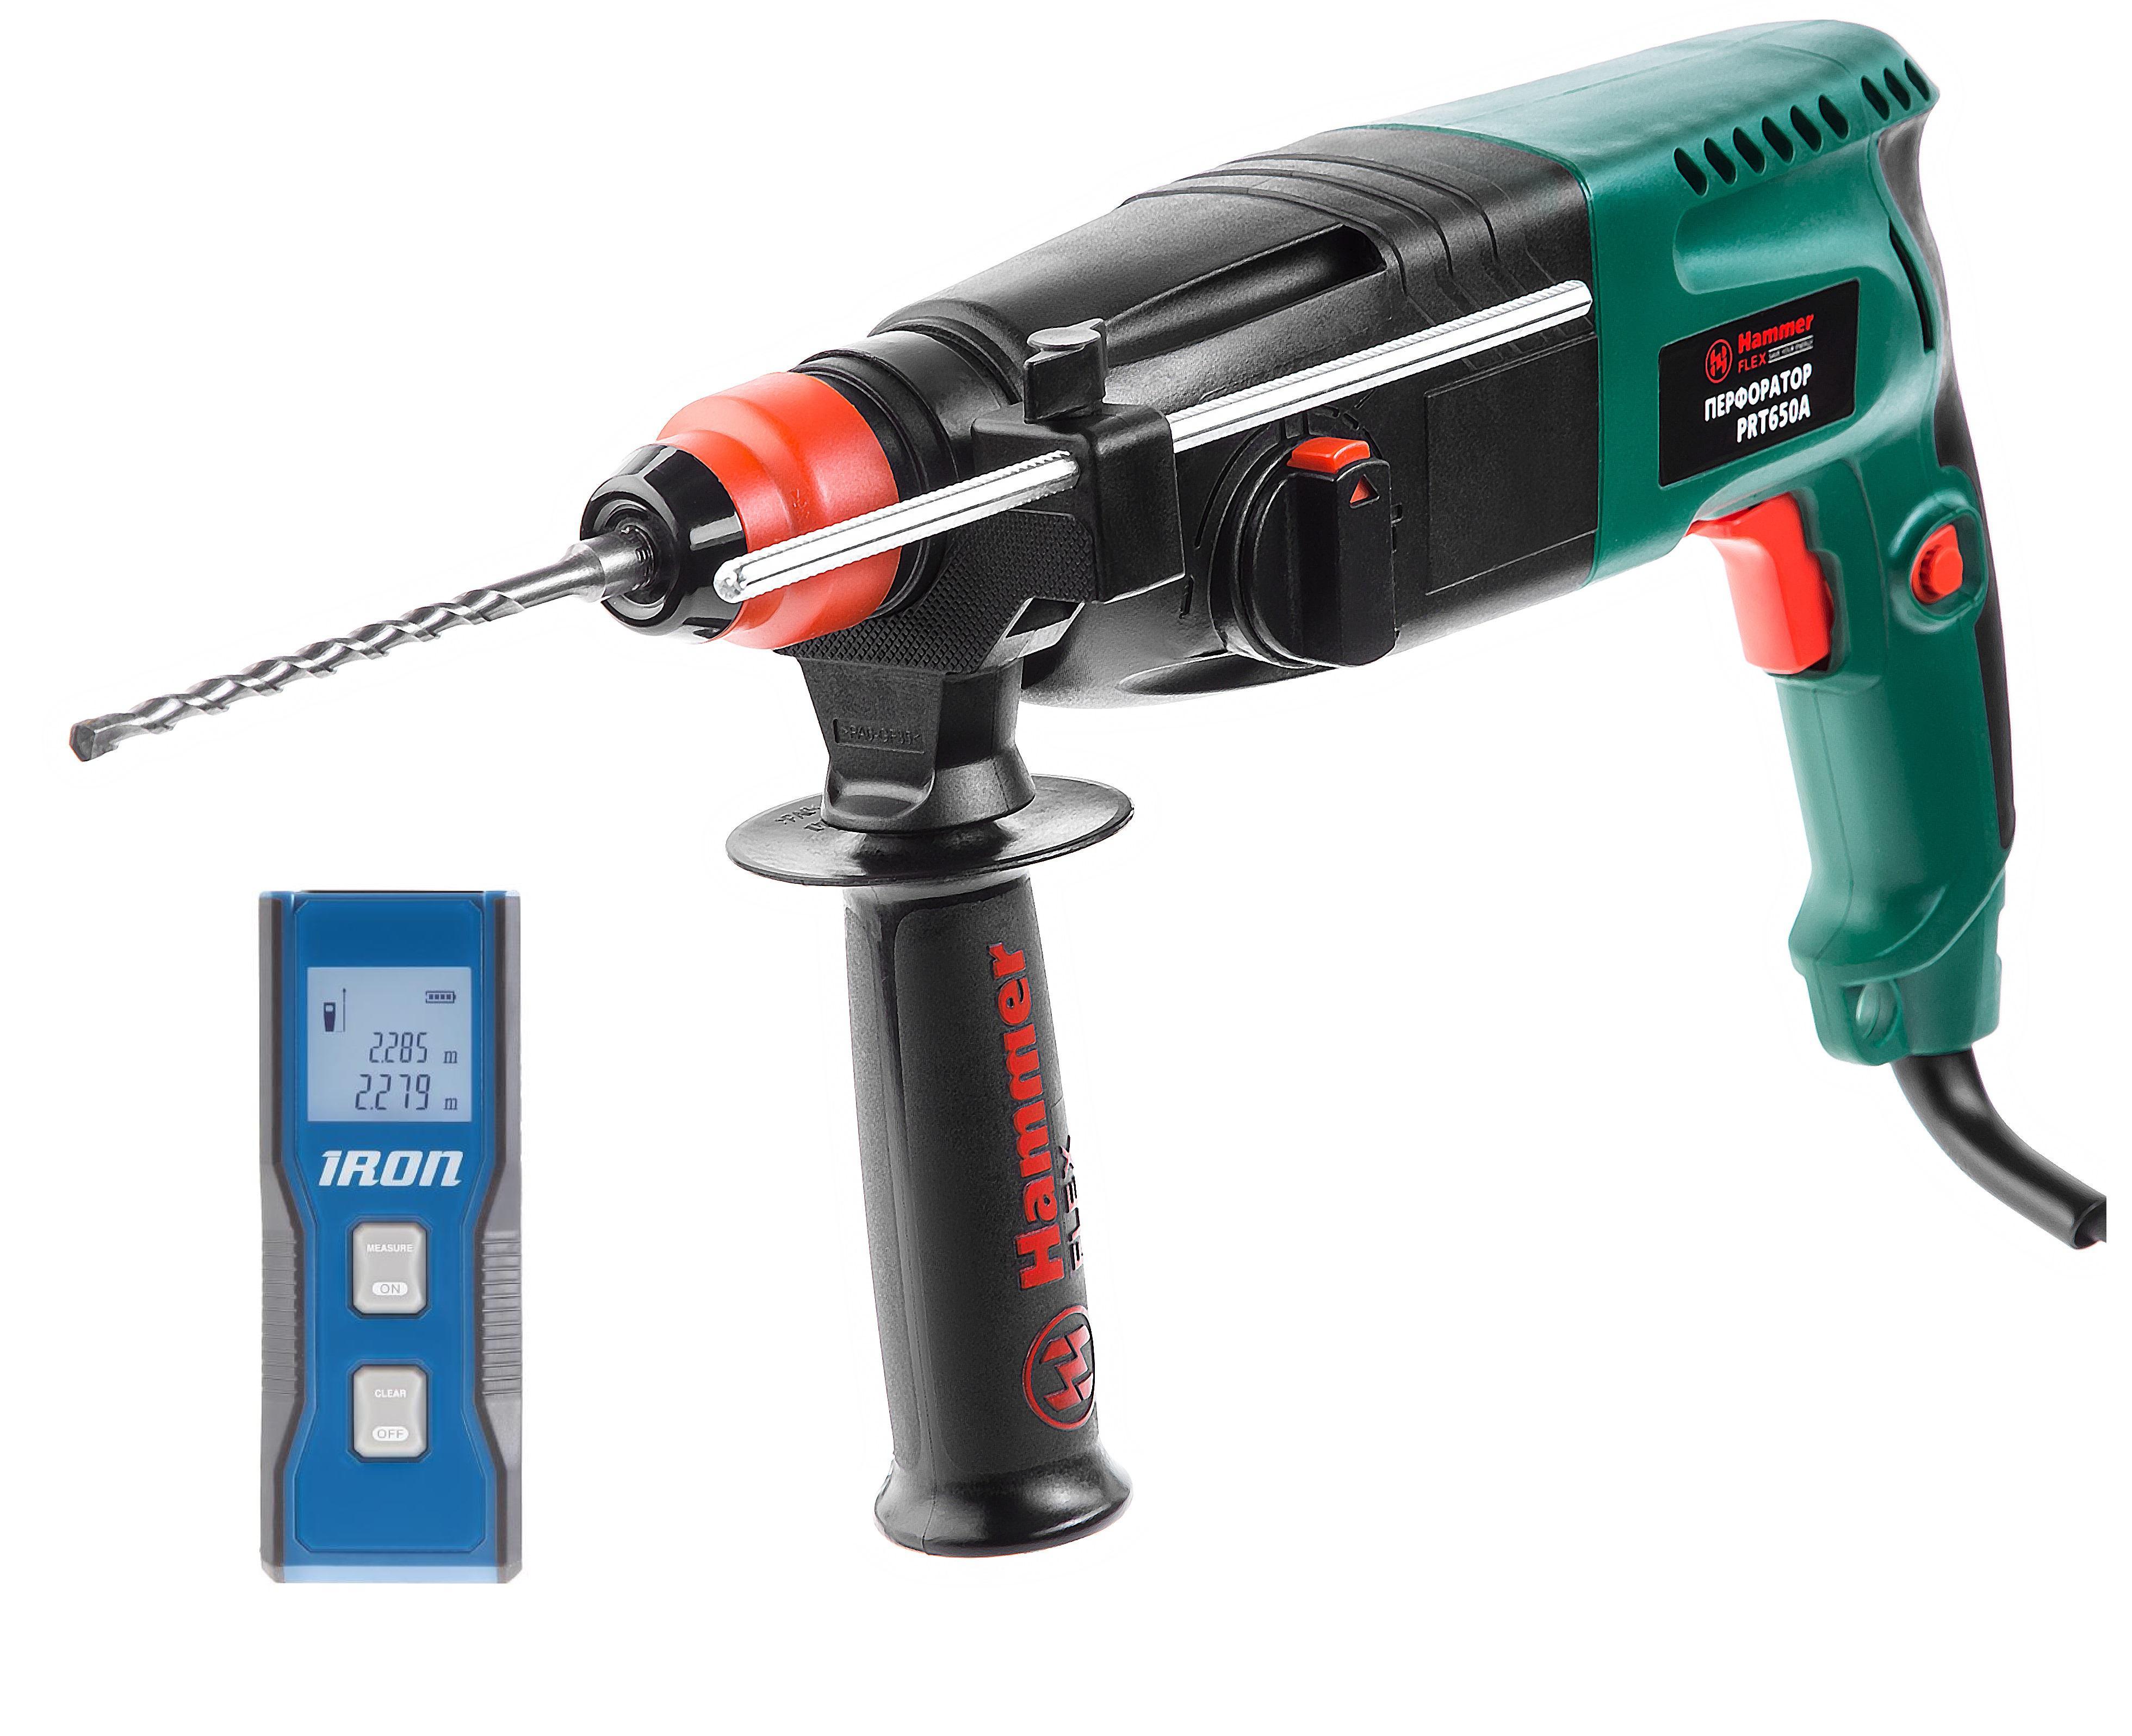 Набор Hammer перфоратор prt650a + дальномер iron la20 перфоратор hammer flex prt 620 le